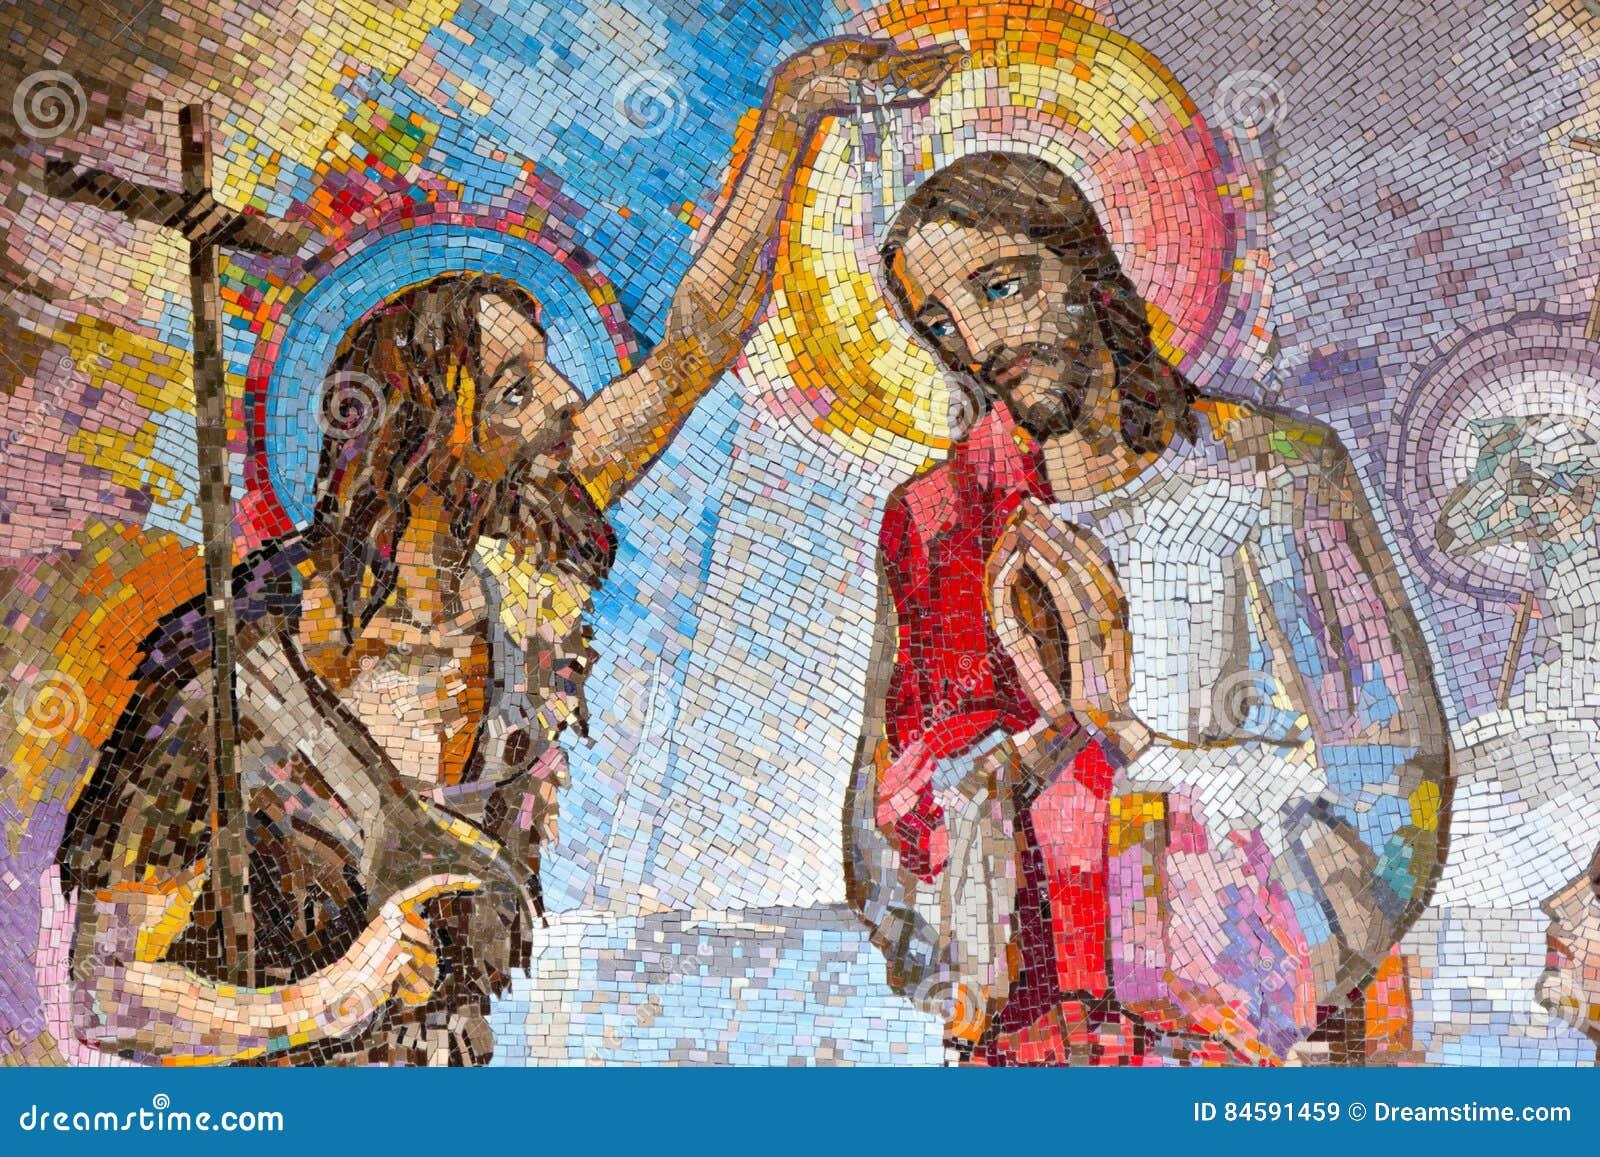 Mosaik Der Taufe Von Jesus Christ Durch Johannes Der Baptist